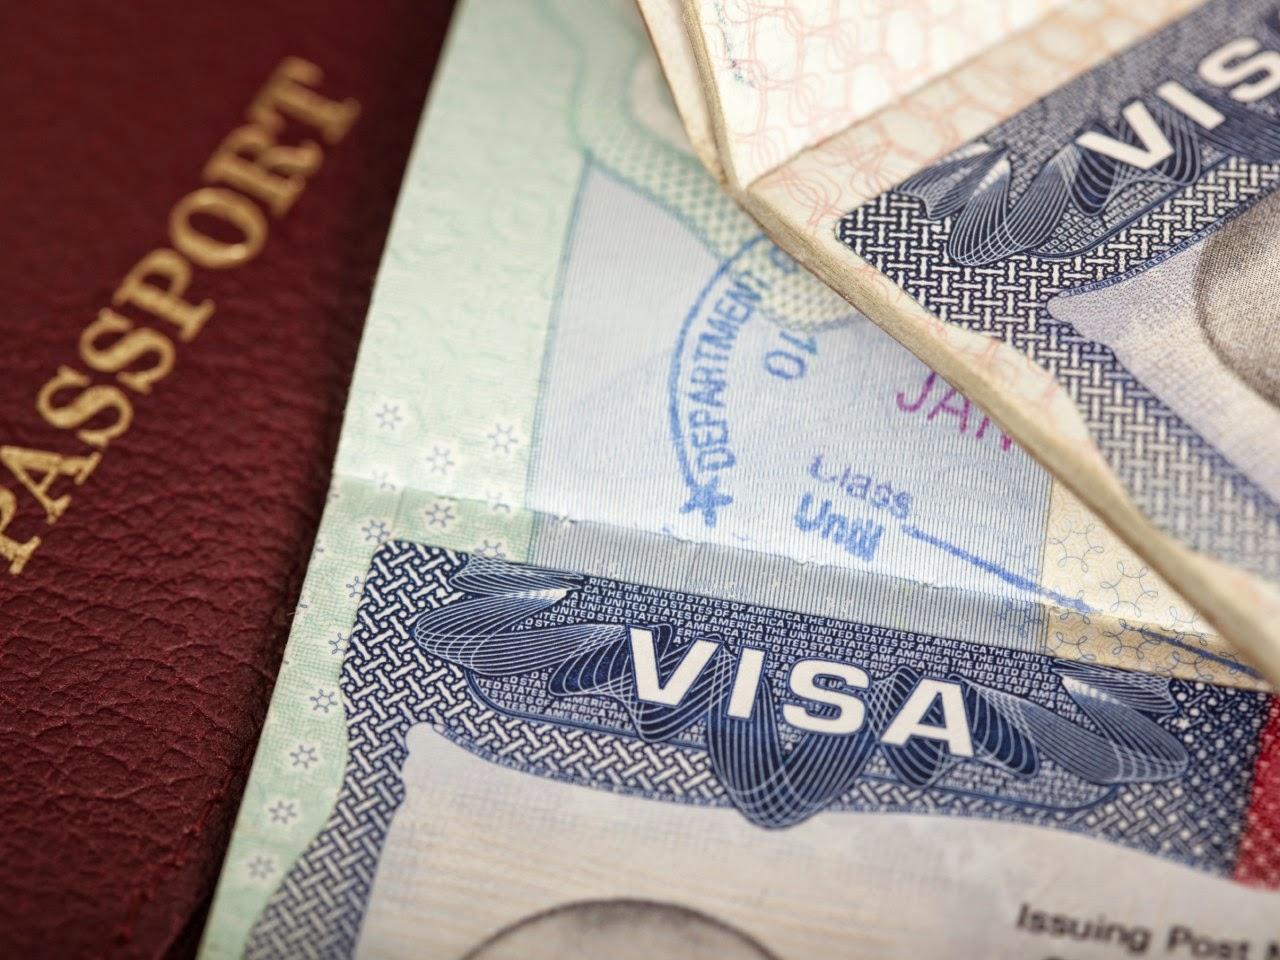 Виза L1 для поездки в США: что это такое и как оформить?